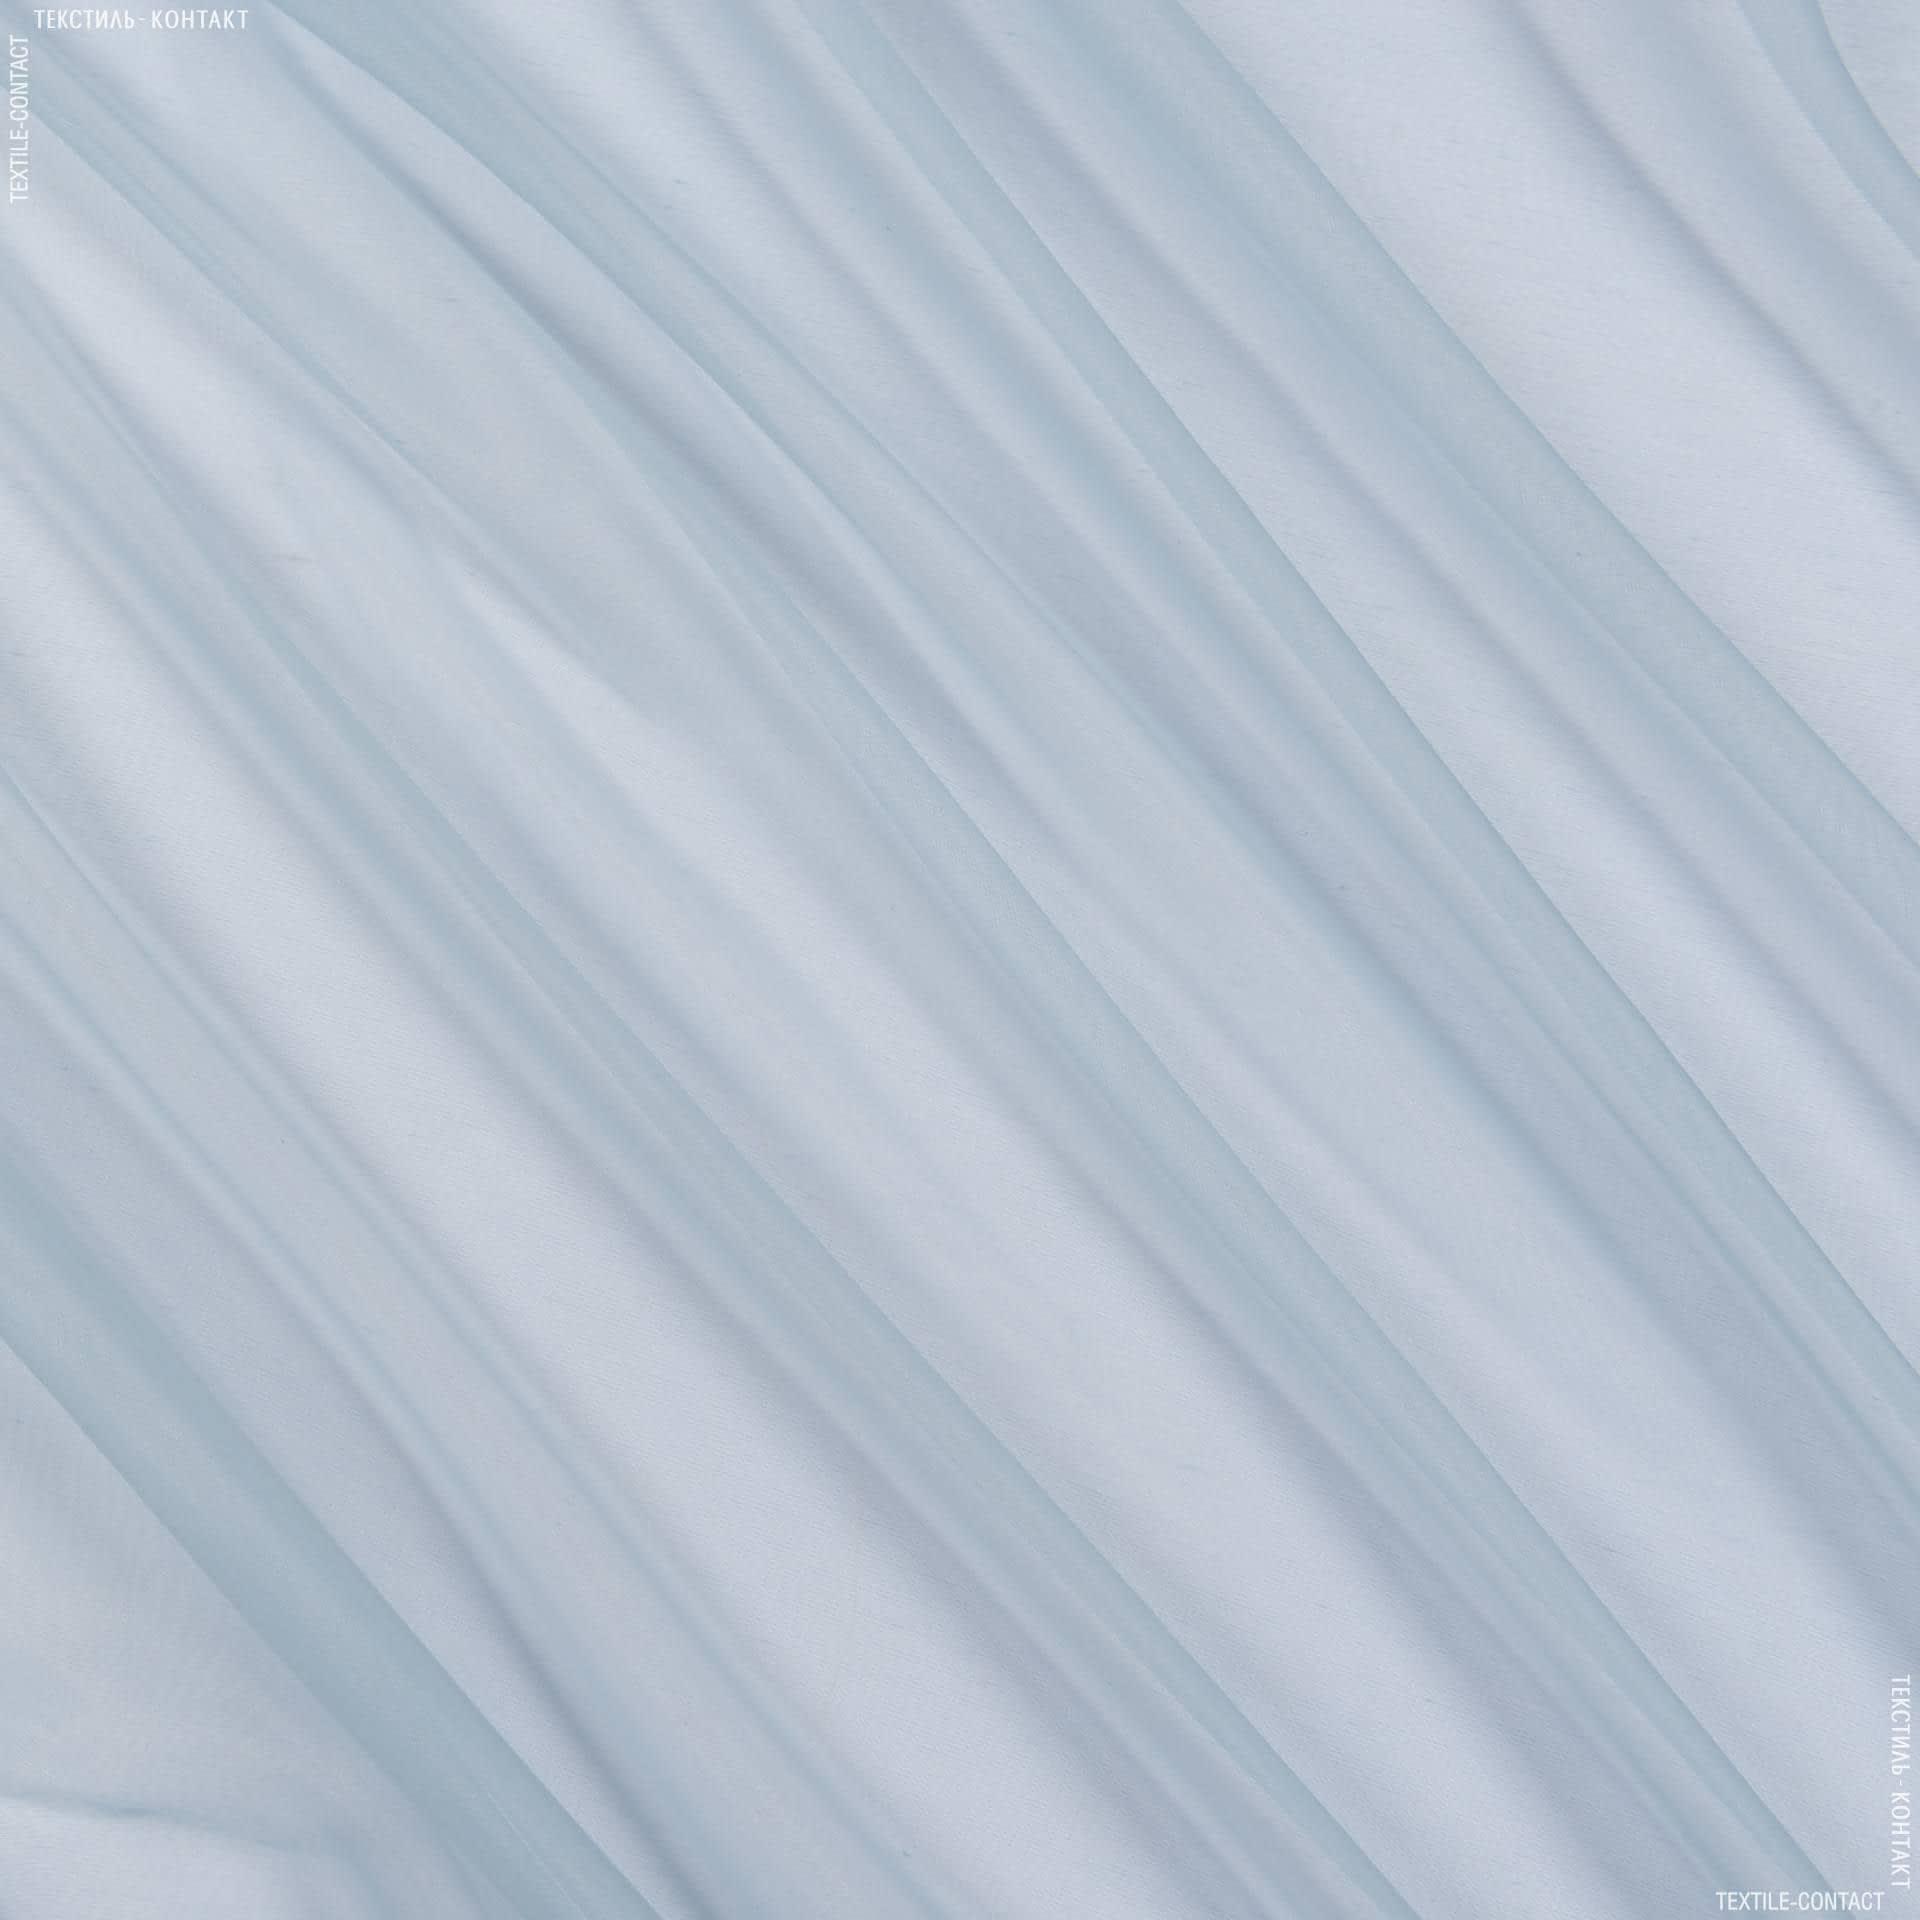 Ткани для тюли - Органза-батист однотонная соната с утяжелителем св/голуб